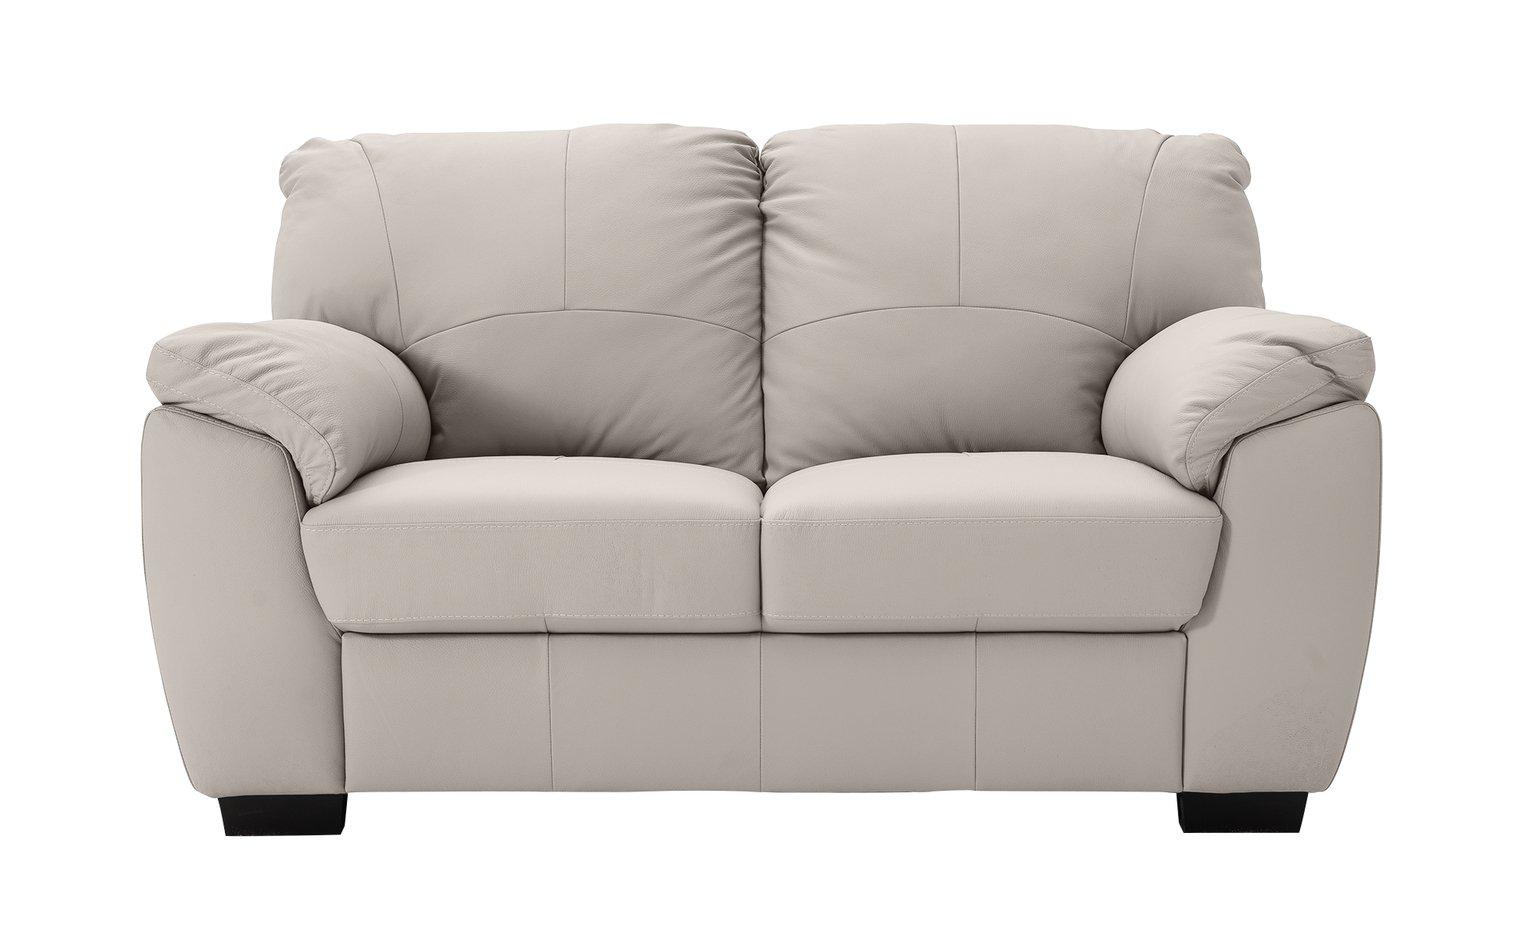 Argos Home Milano 2 Seater Leather Sofa - Light Grey